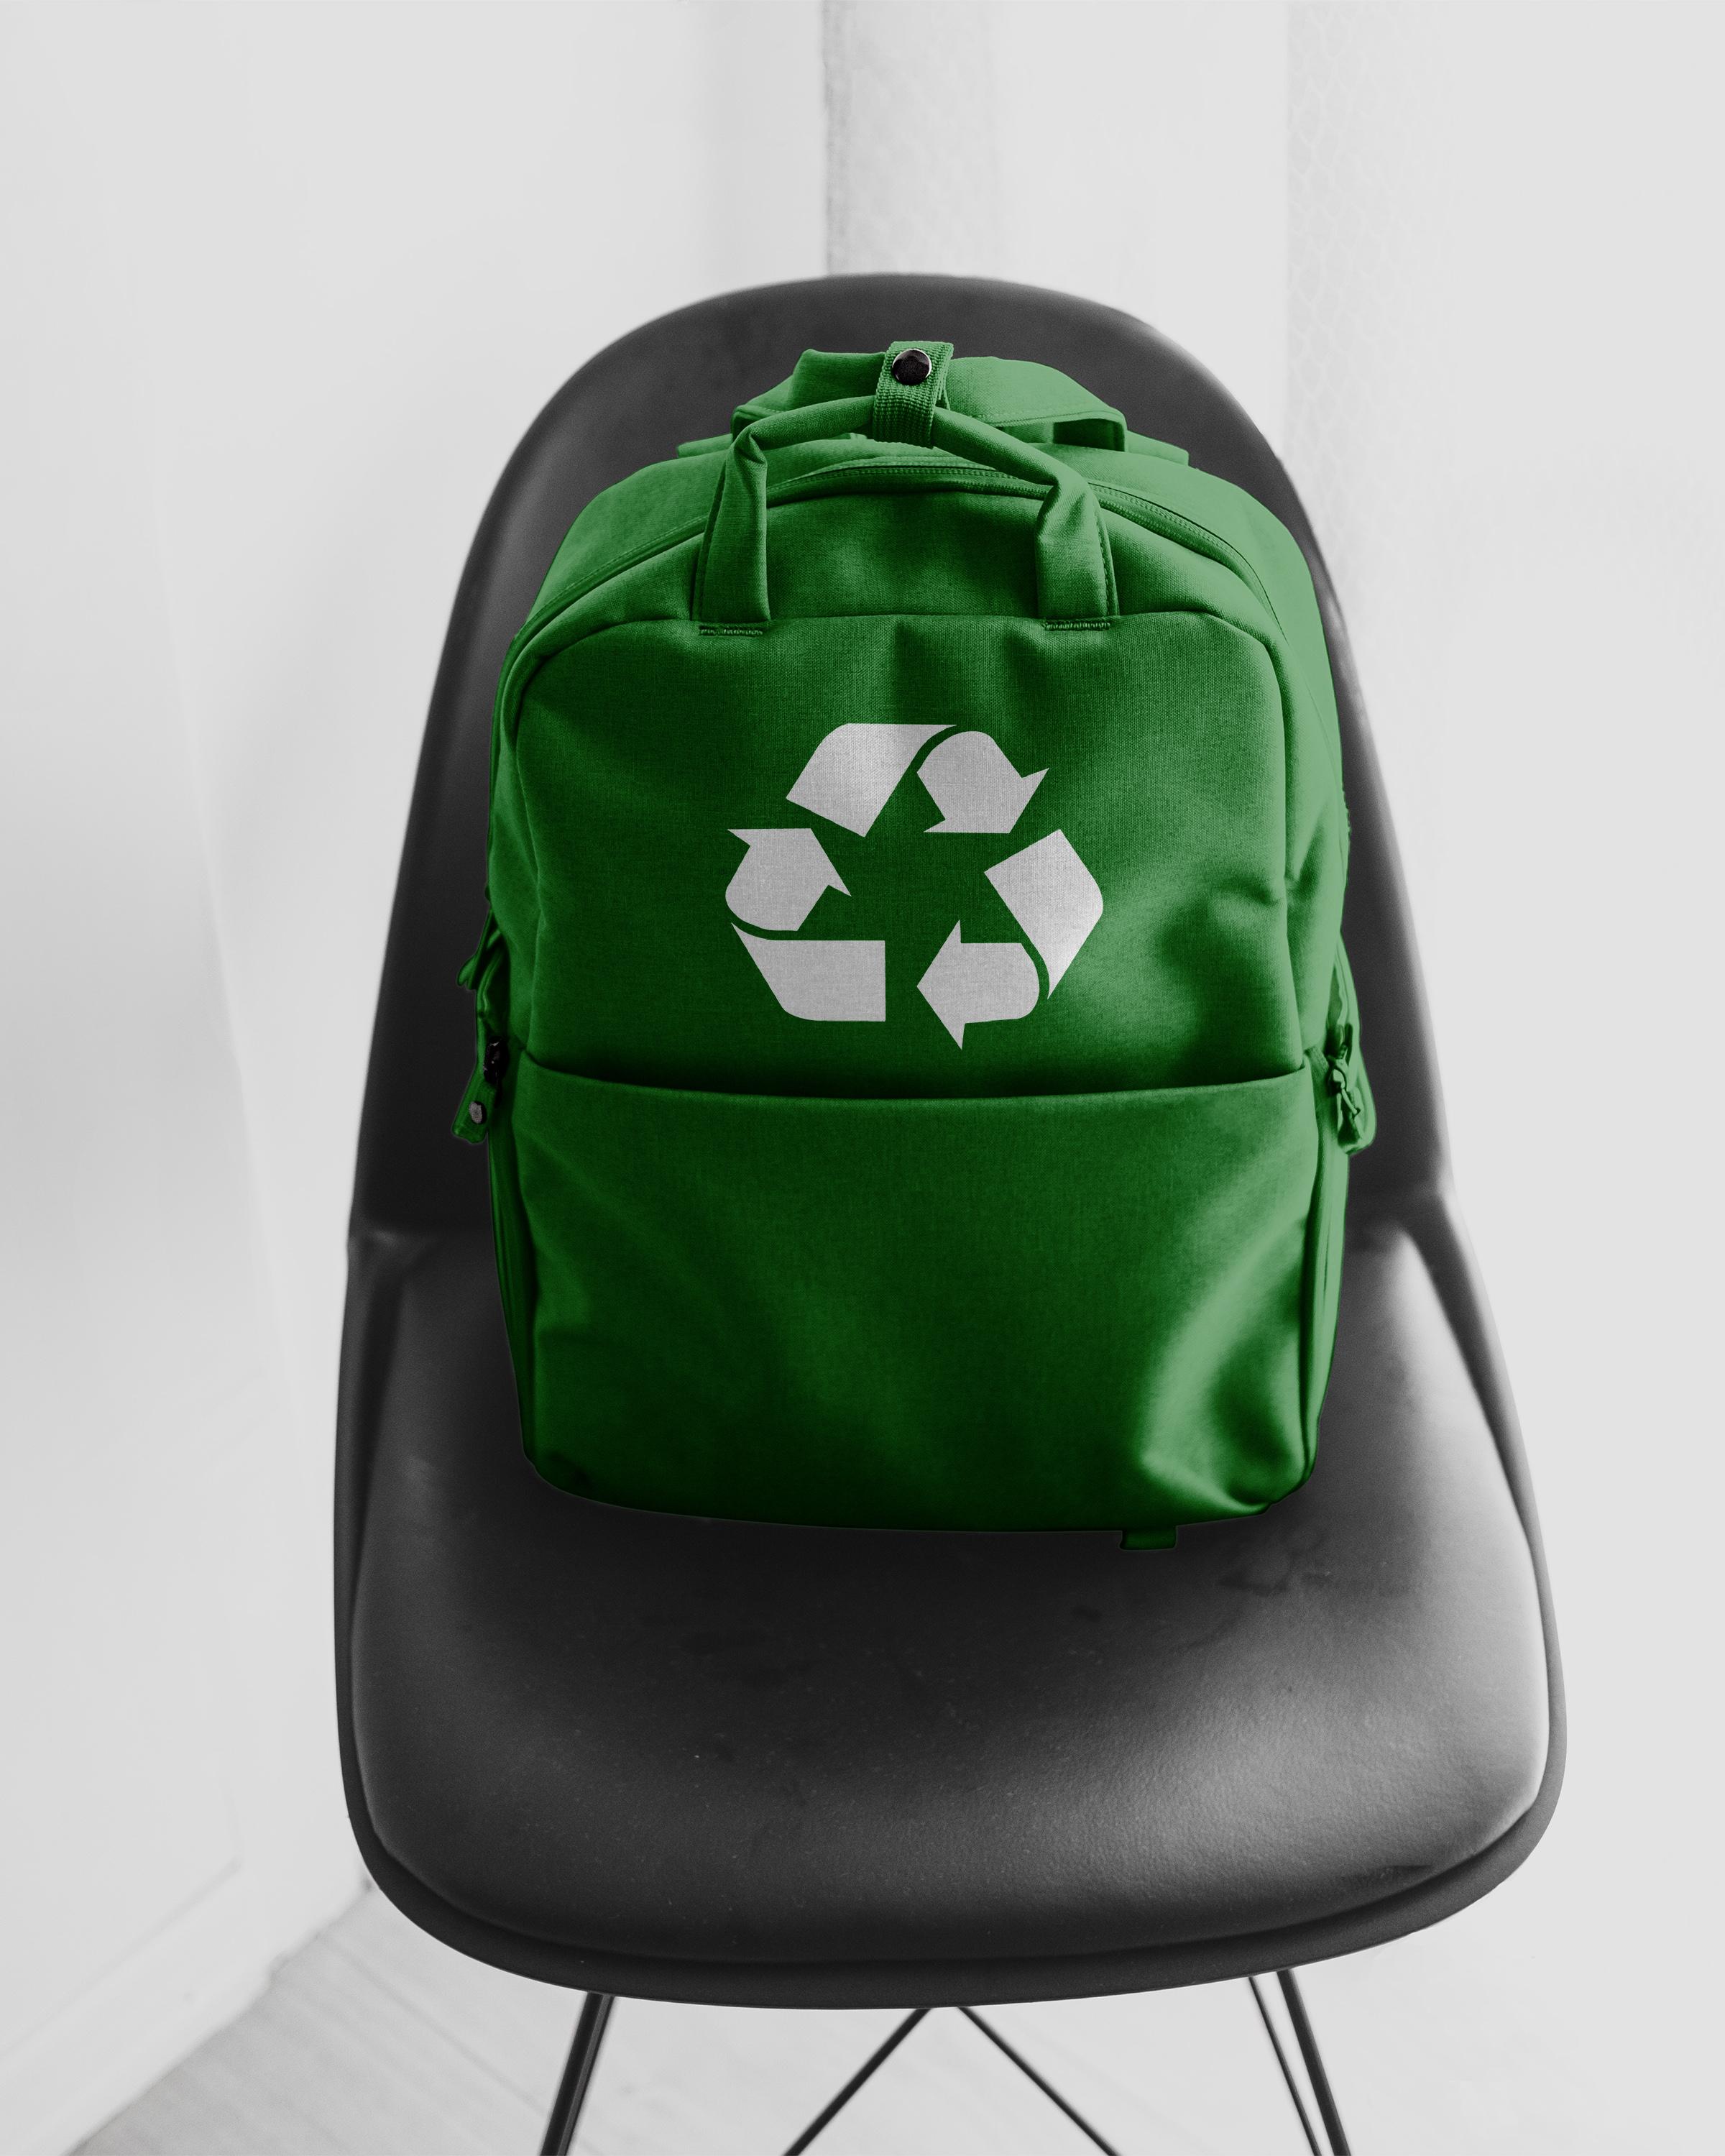 Конкурс на создание оригинального принта для рюкзаков фото f_8985f8ca6f609017.jpg